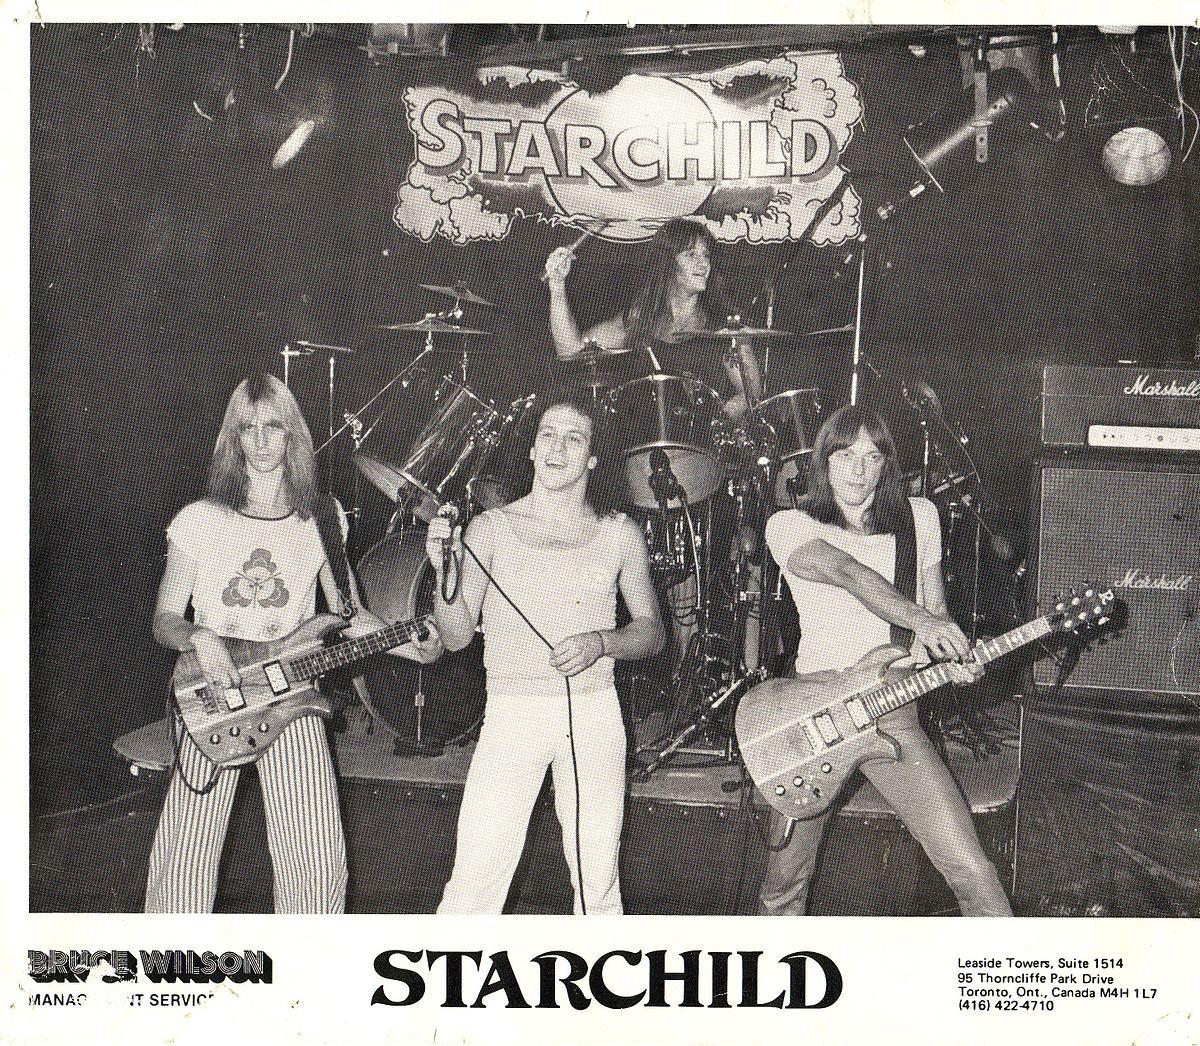 starchild band wikipedia